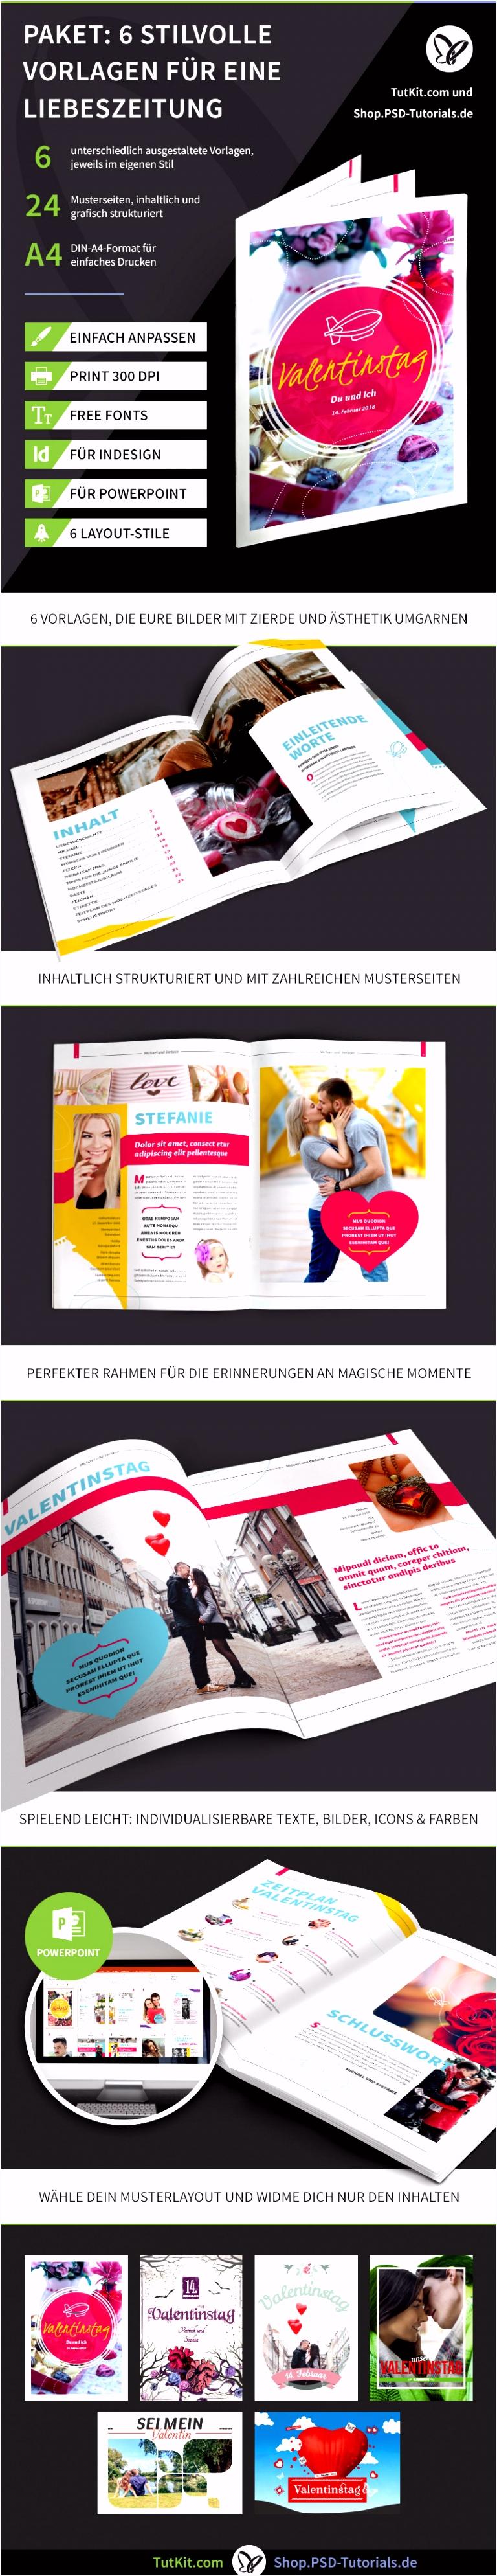 Hochzeitszeitung Vorlagen für PowerPoint & InDesign